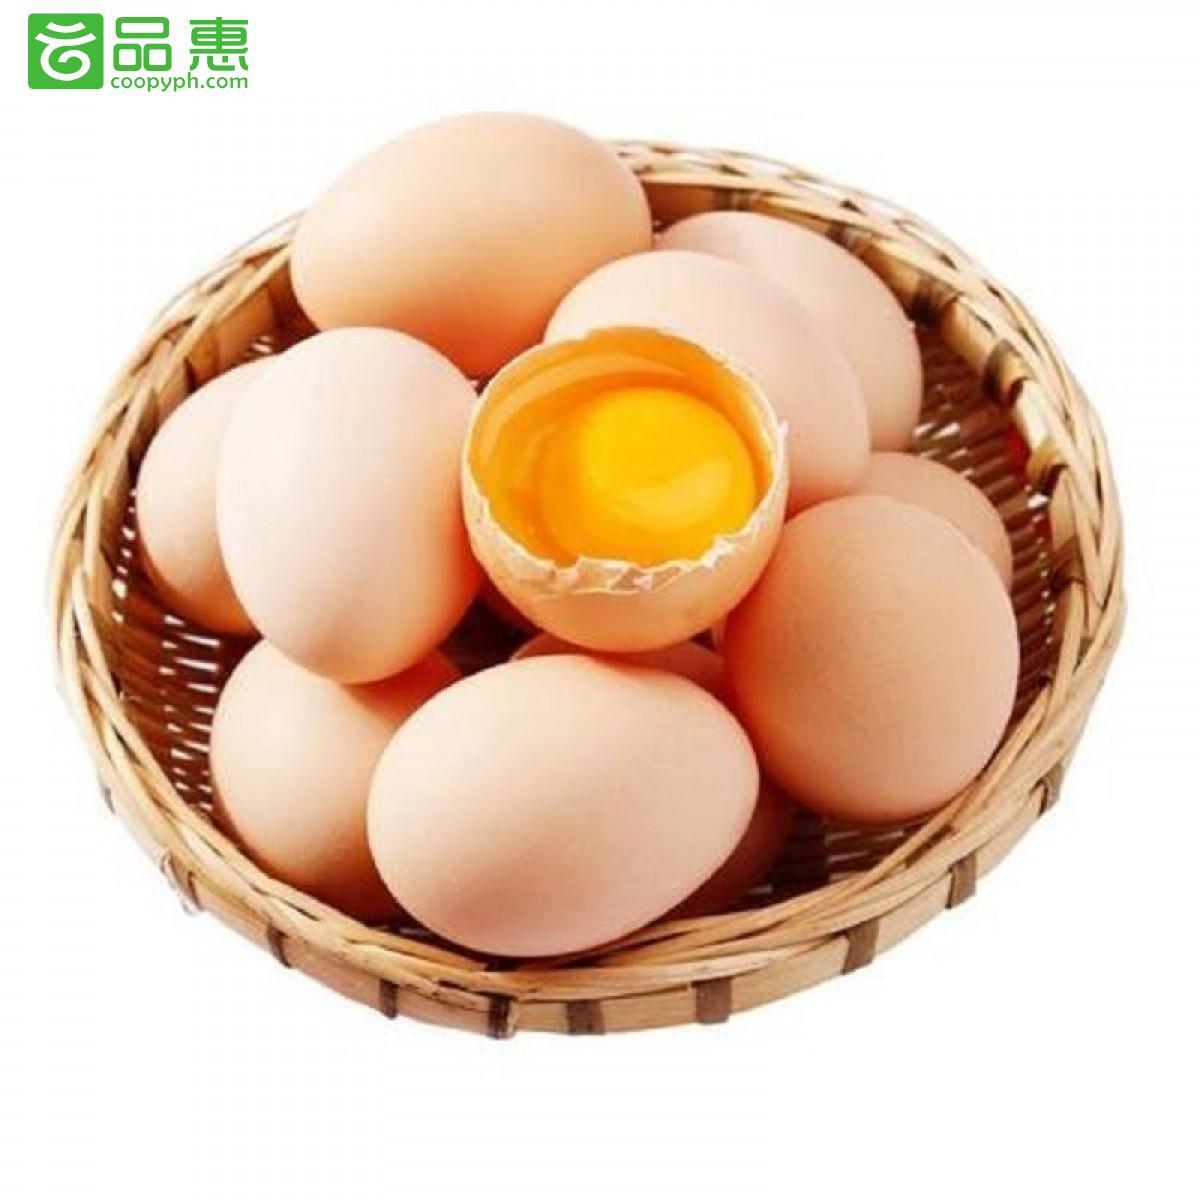 富硒鸡蛋30枚 提高身体免疫力更适合孕妇和小孩